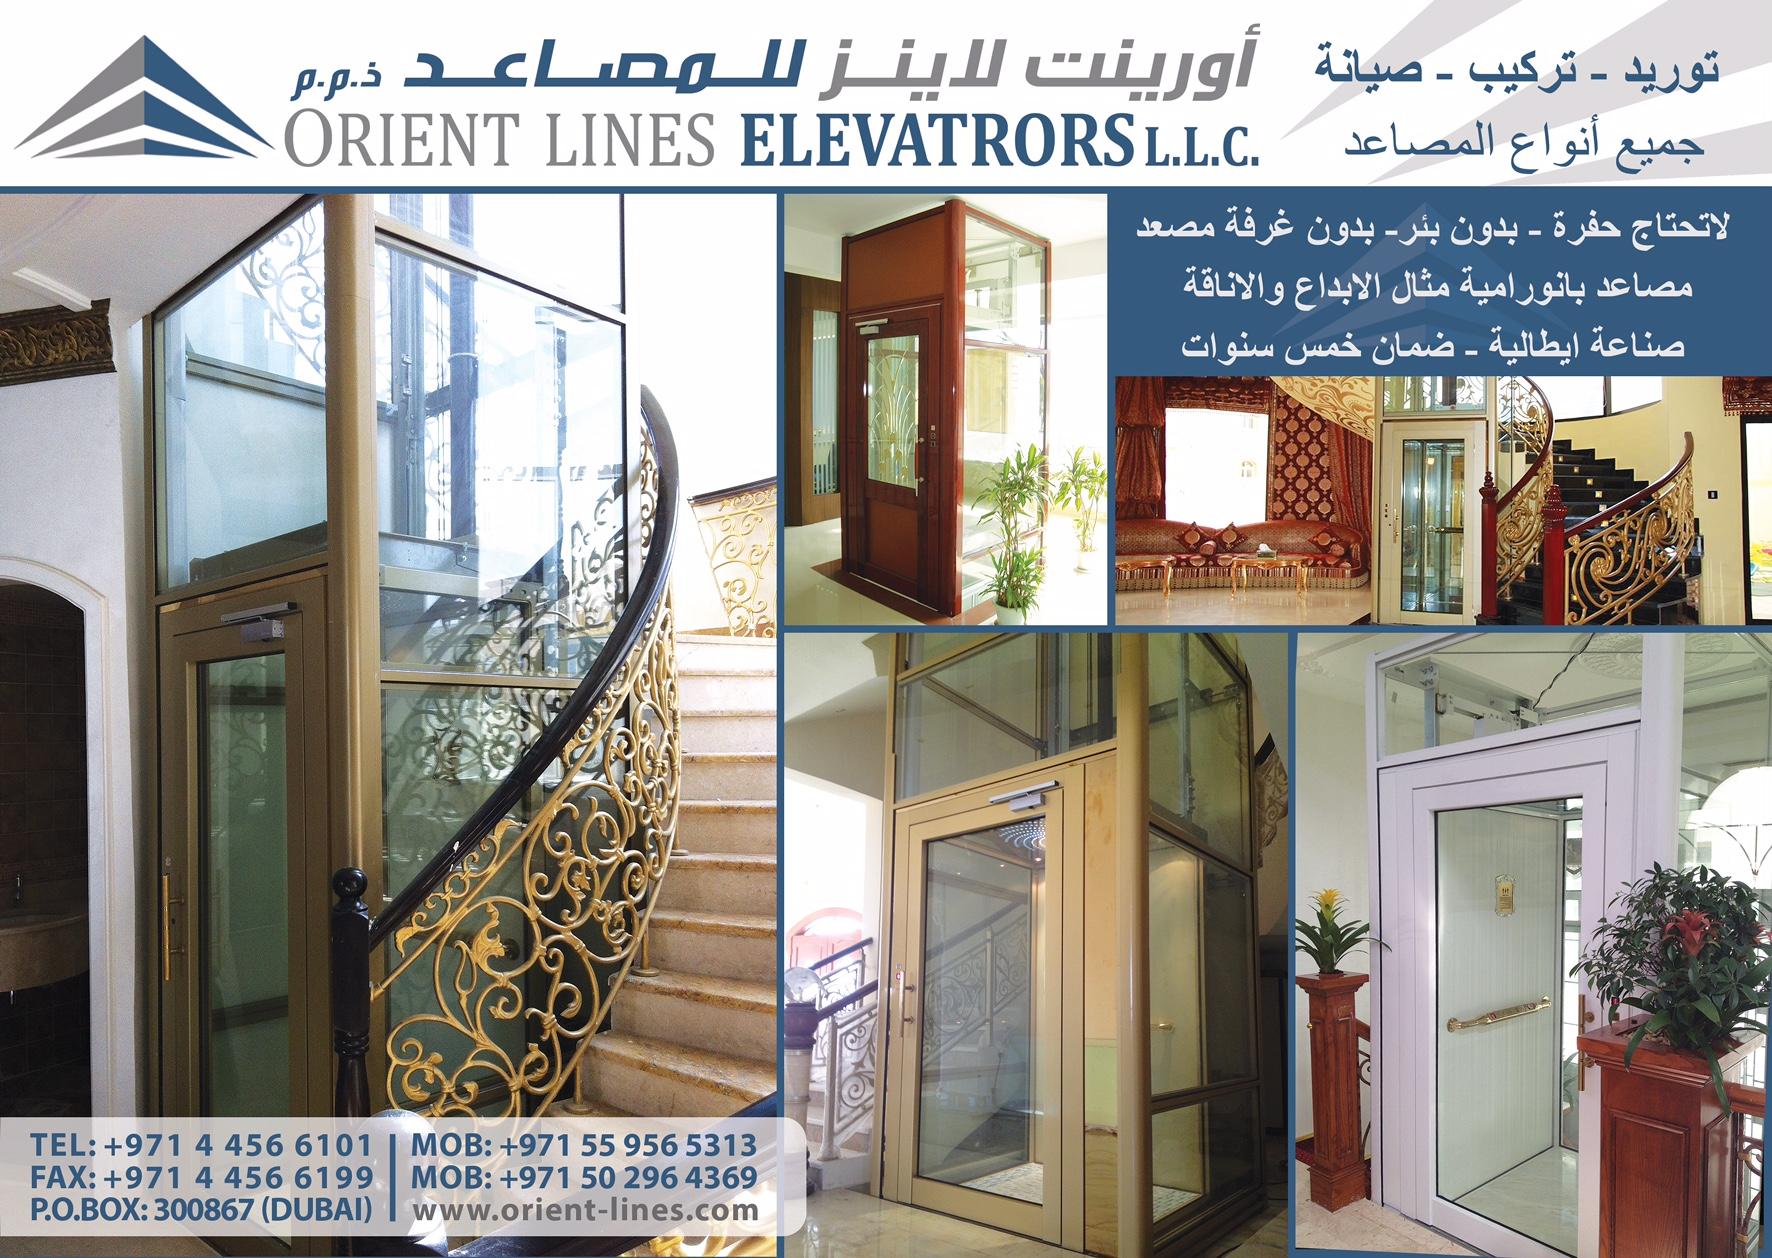 Orient Lines Elevators LLC - Orient Flyer 2.jpg